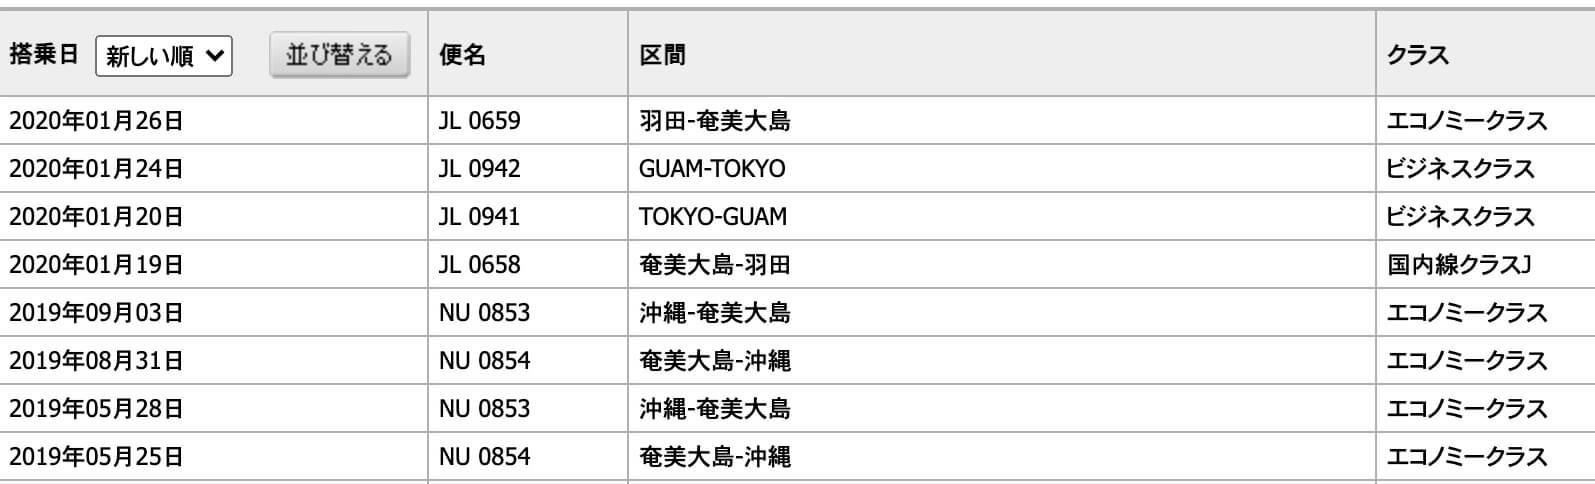 JALの生涯フライト記録2